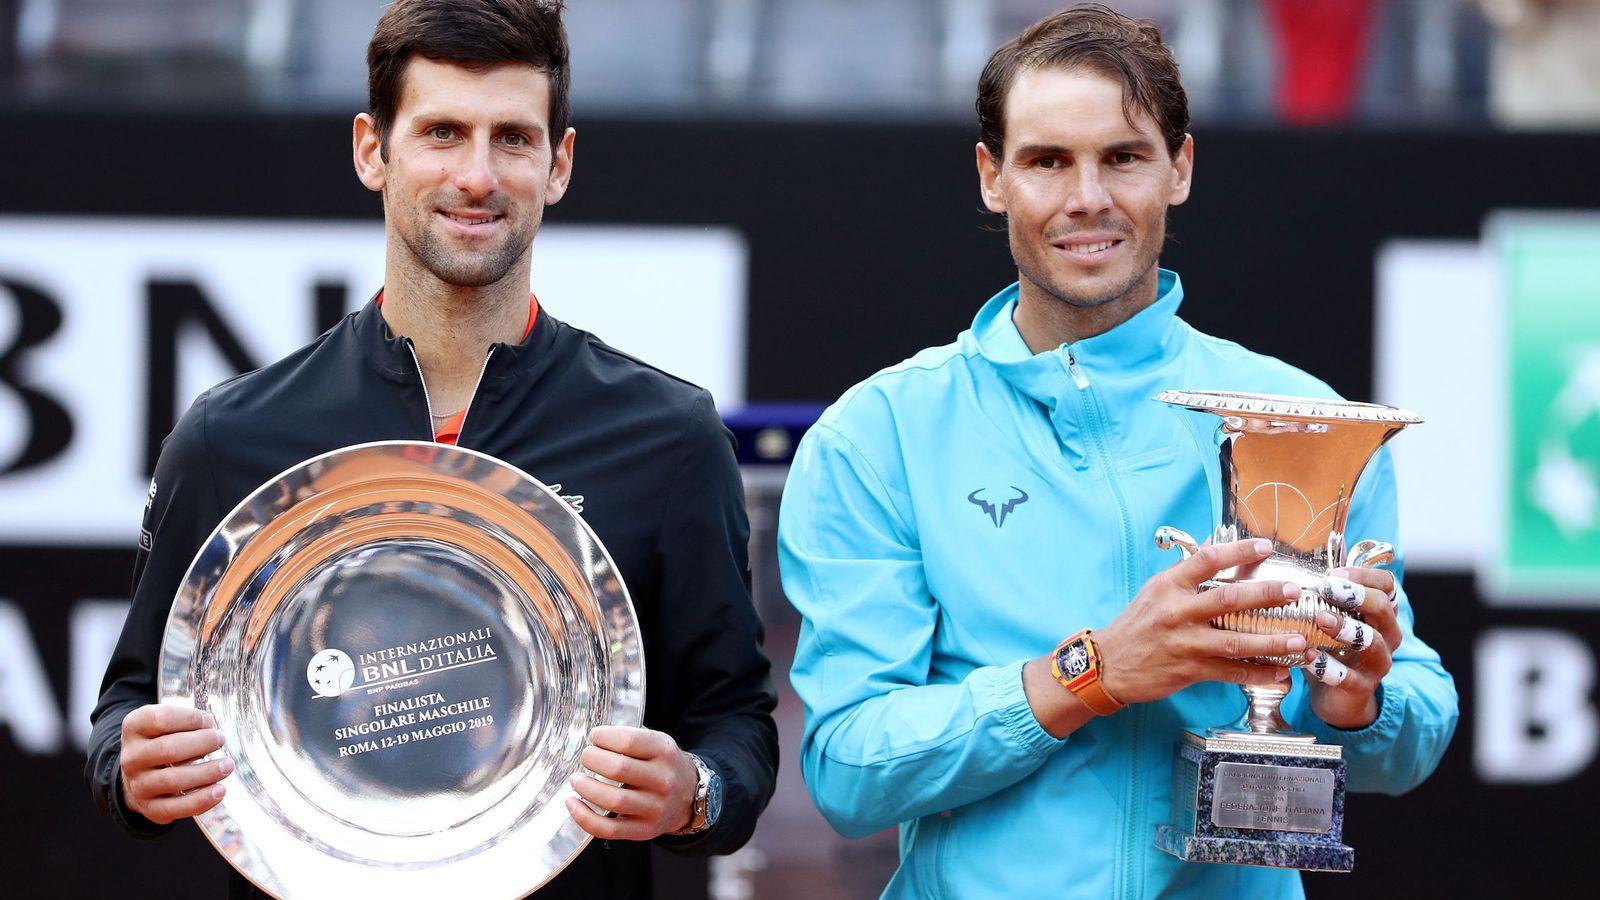 Foto: Djokovic y Nadal en el torneo de Roma de este año. (EFE)